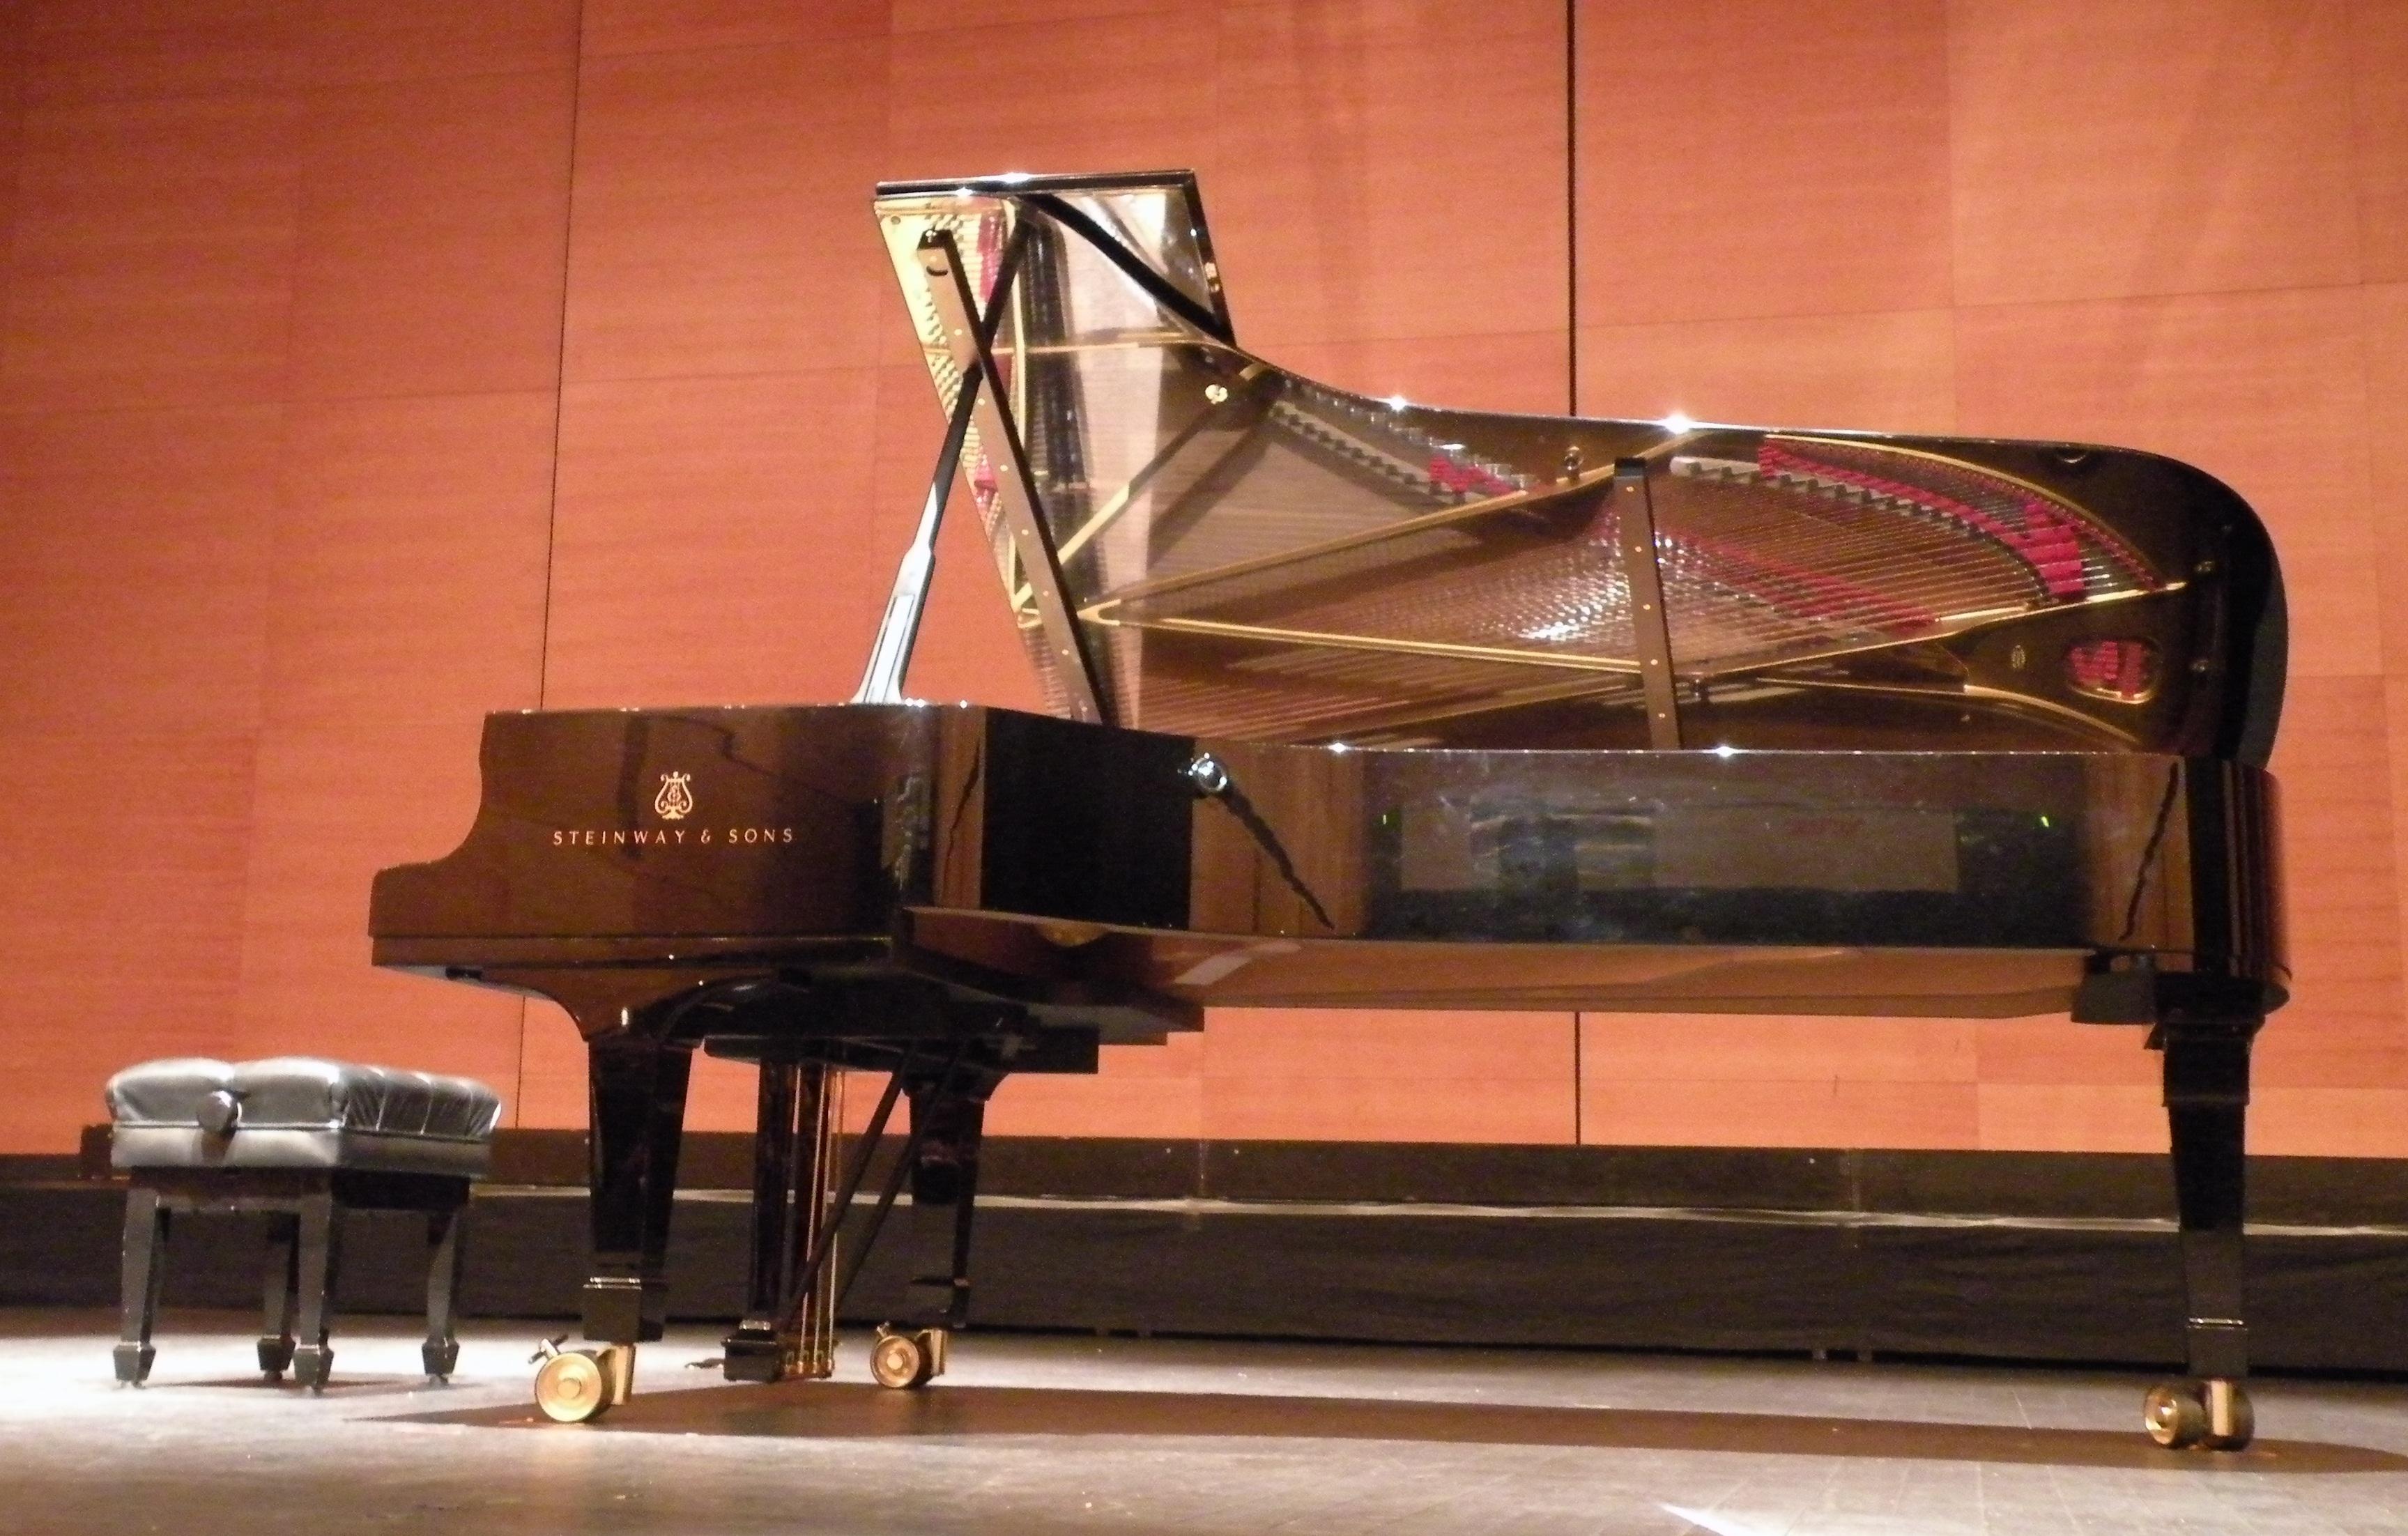 PIANOFORTI IN SVIZZERA- VENDITA PIANOFORTI SVIZZERA- CONSEGNA PIANOFORTI IN SVIZZERA- OCCASIONE PIANOFORTI SVIZZERA- PIANOFORTI USATI YAMAHA IN SVIZZERA- PIANOFORTI USATI KAWAI IN SVIZZERA..